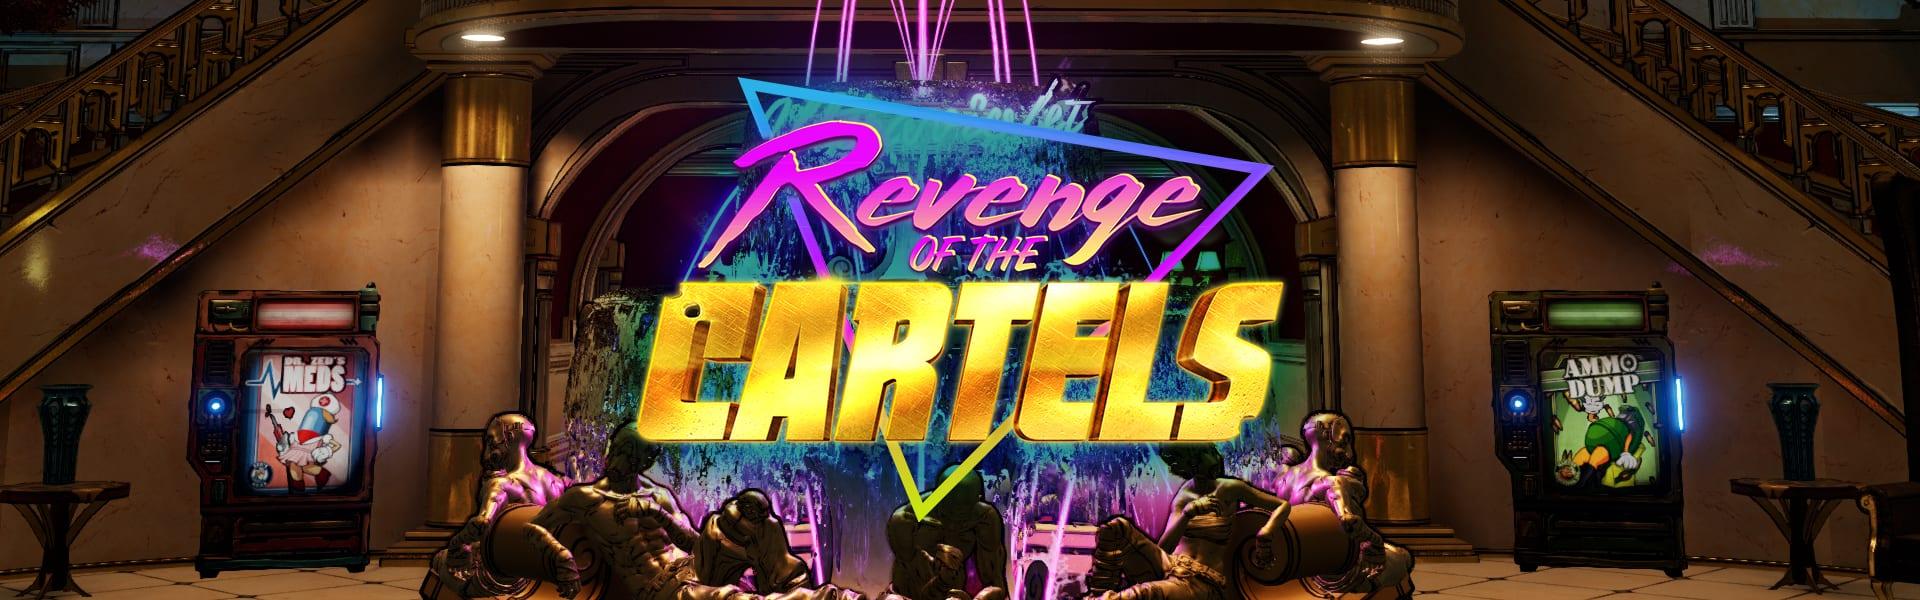 Revenge of the Cartels Yellowcake Legendary Rocket Launcher